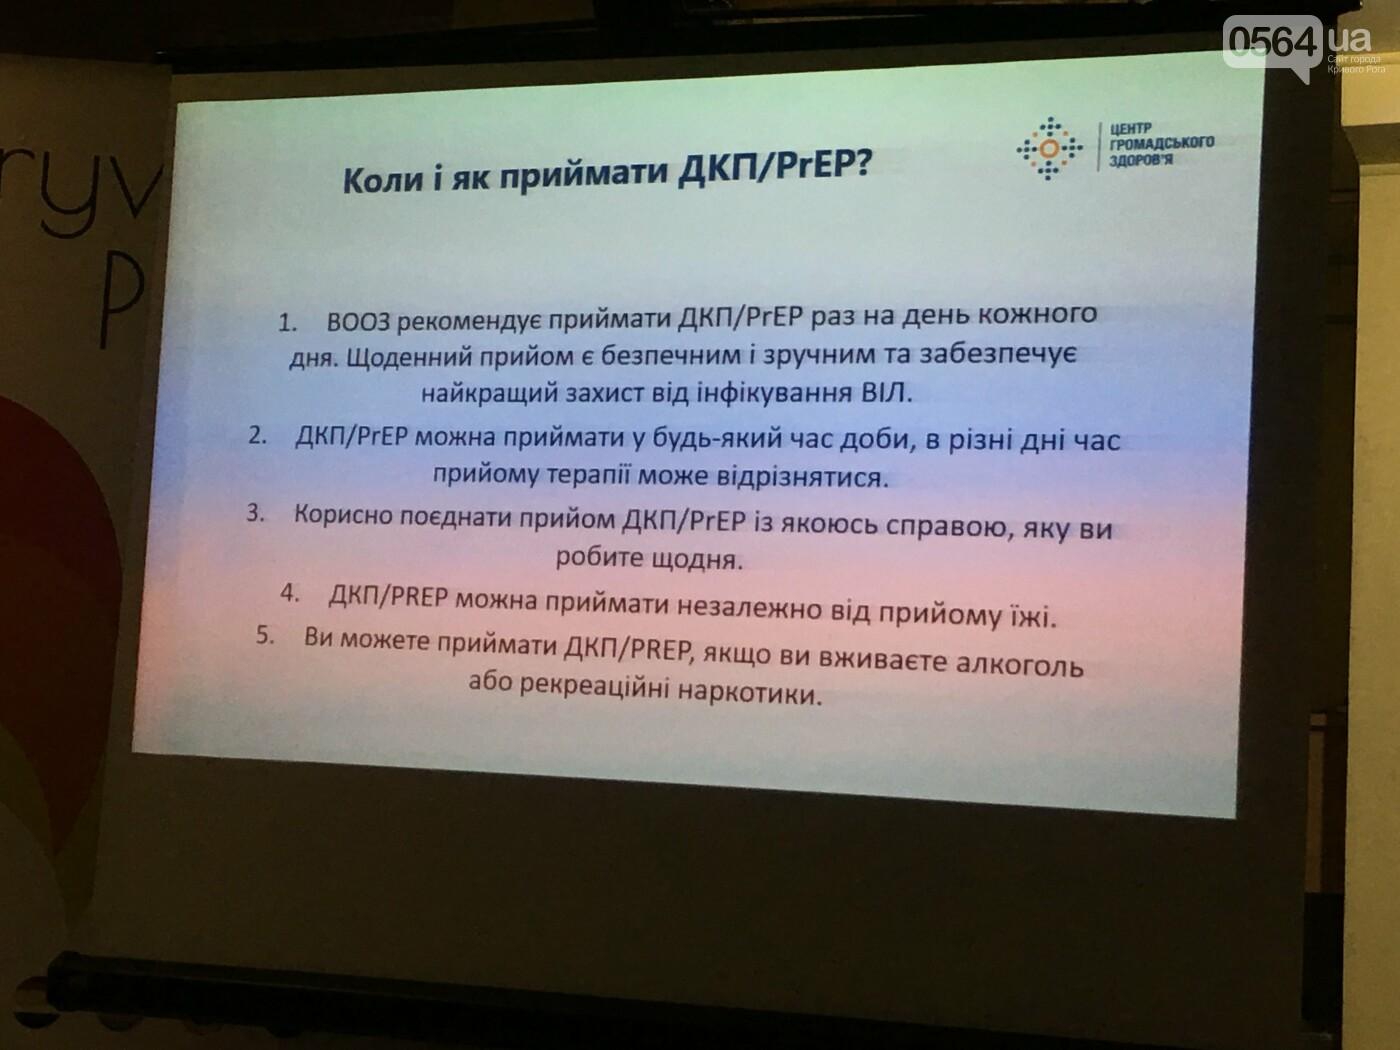 Где и как криворожане могут бесплатно получить ДКП/PrEP чтобы не заразиться ВИЧ-инфекцией, - ФОТО , фото-42